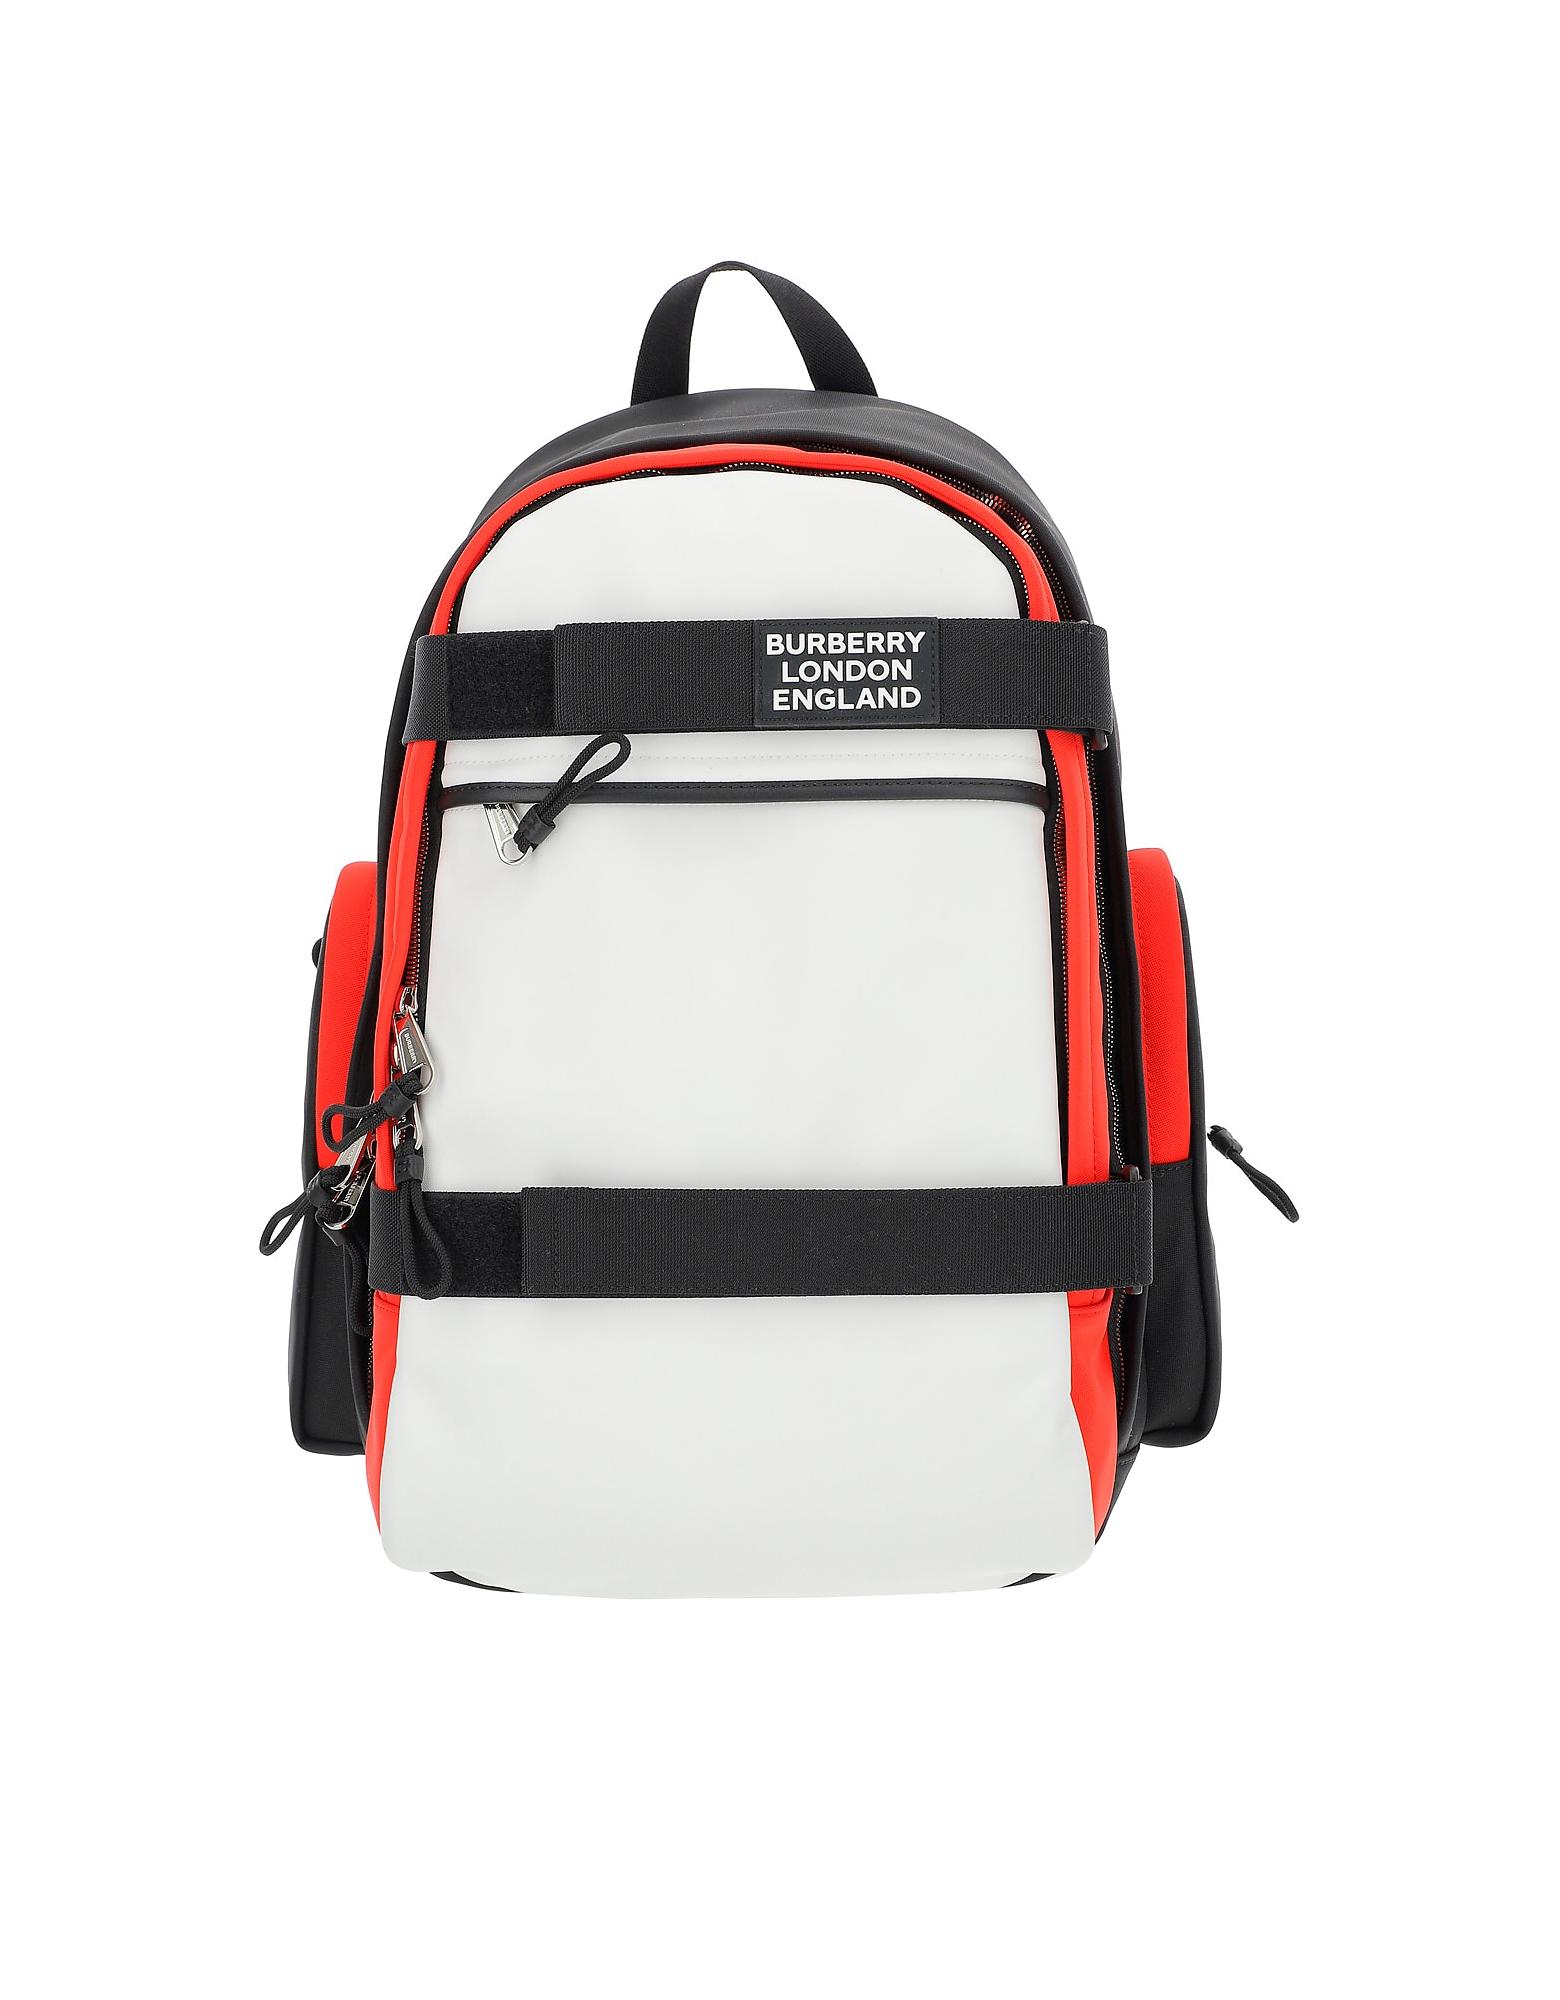 Burberry Designer Men's Bags, Cooper Nevis Nylon Backpack